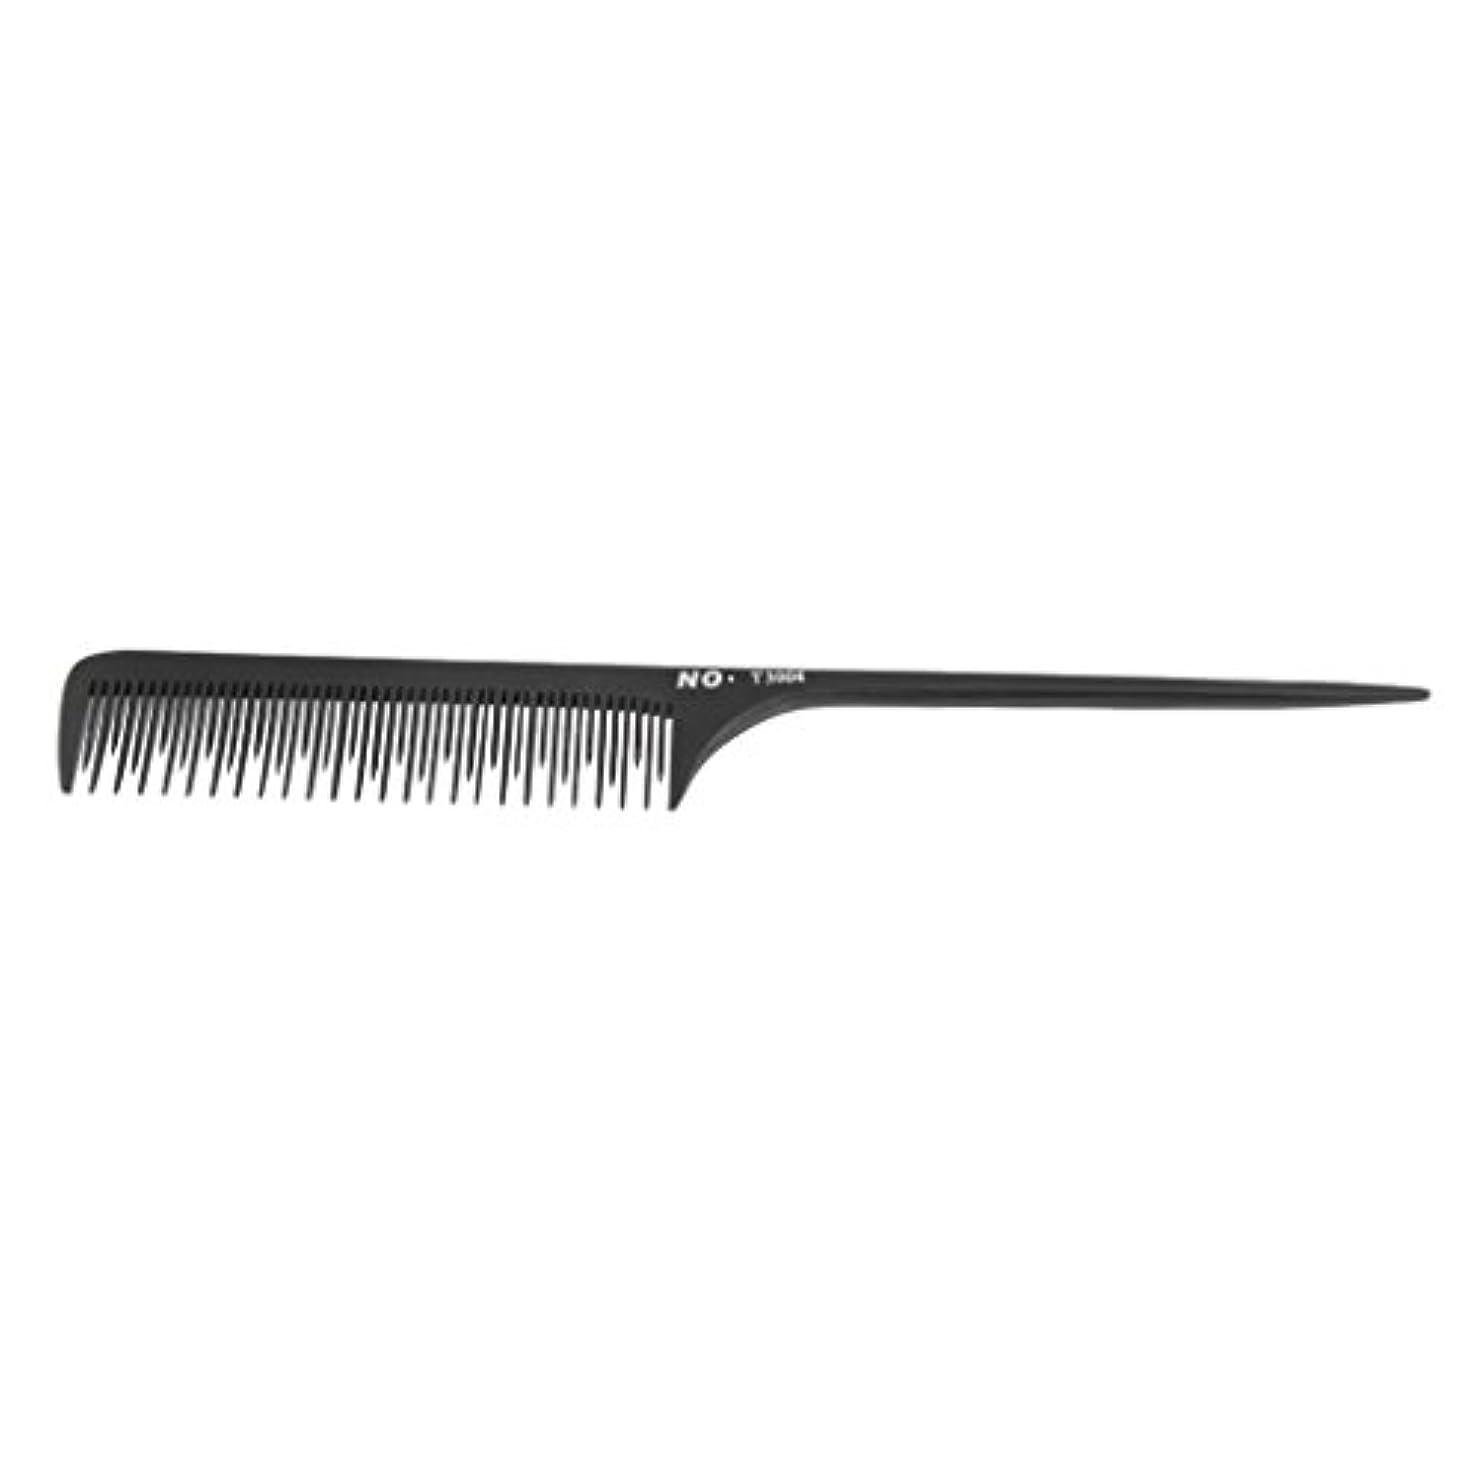 対処嘆く肌寒いHomyl サロン 理髪師 ヘアスタイリング 櫛 テールコーム ヘアコーム ヘアブラシ プロ 2タイプ選べ - t3004